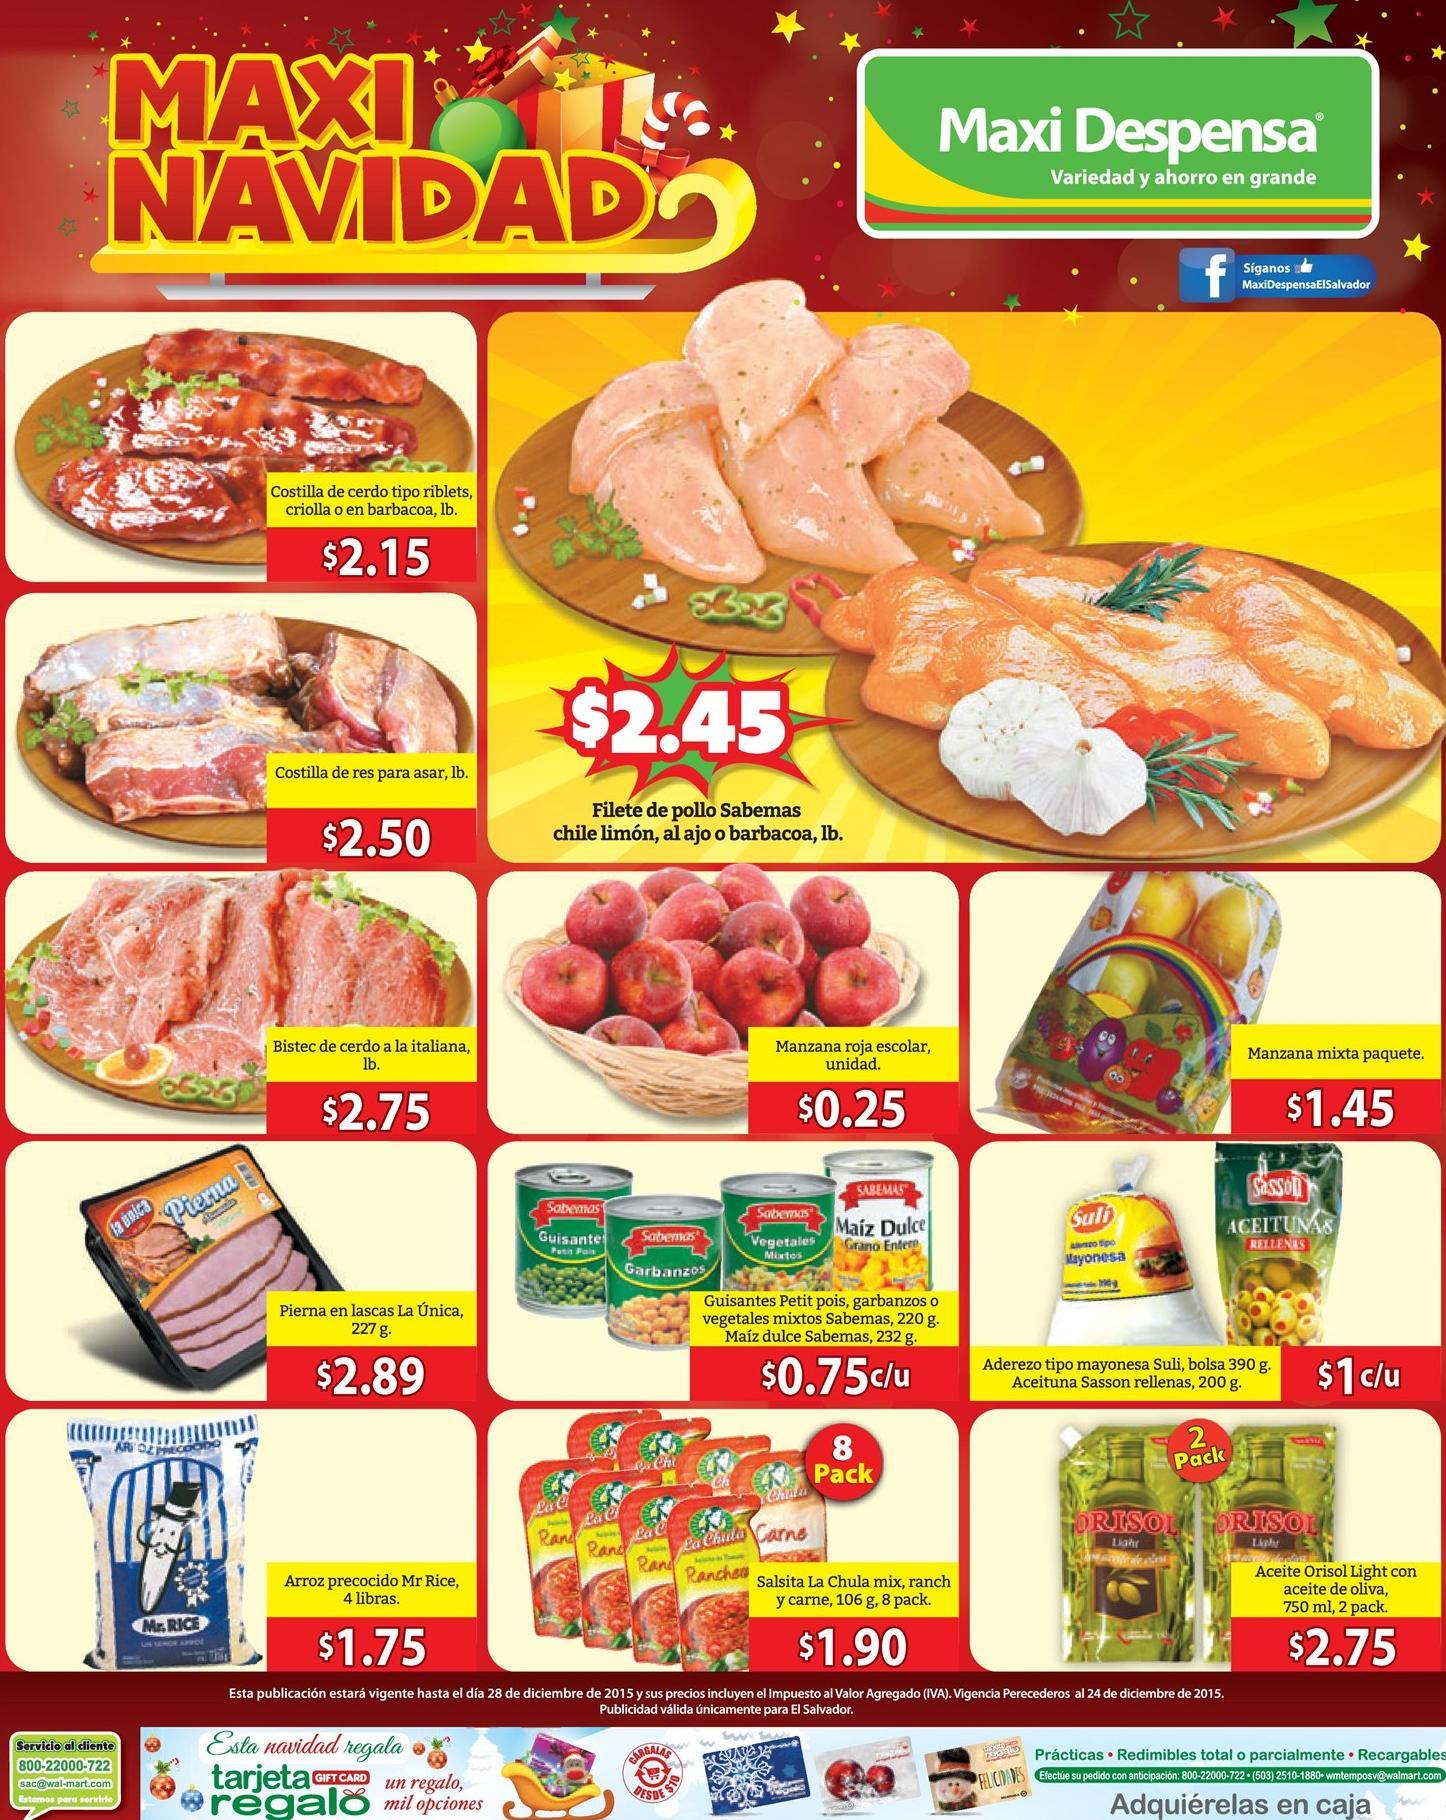 MAXI DESPENSA Adquiere productos frescos en navidad - 21dic15